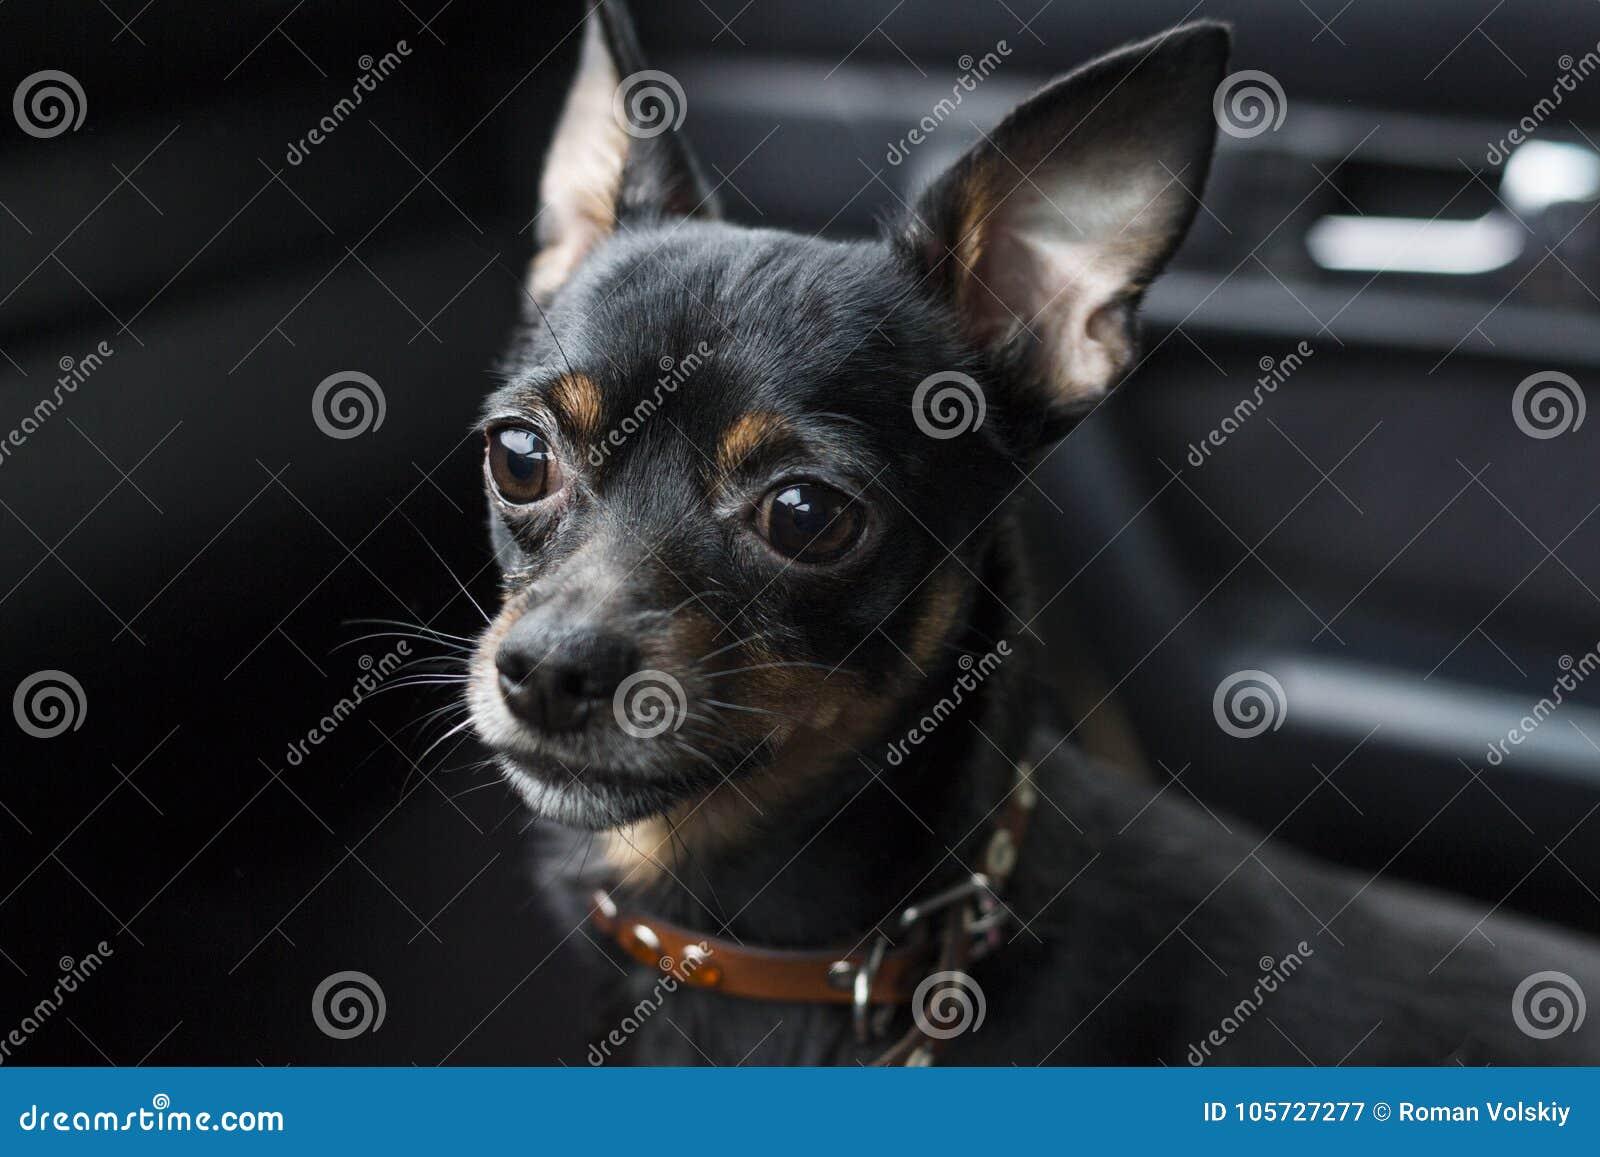 Uno sguardo triste del ` s del cane Pinscher nano in un collare dentro un automobile su un fondo scuro